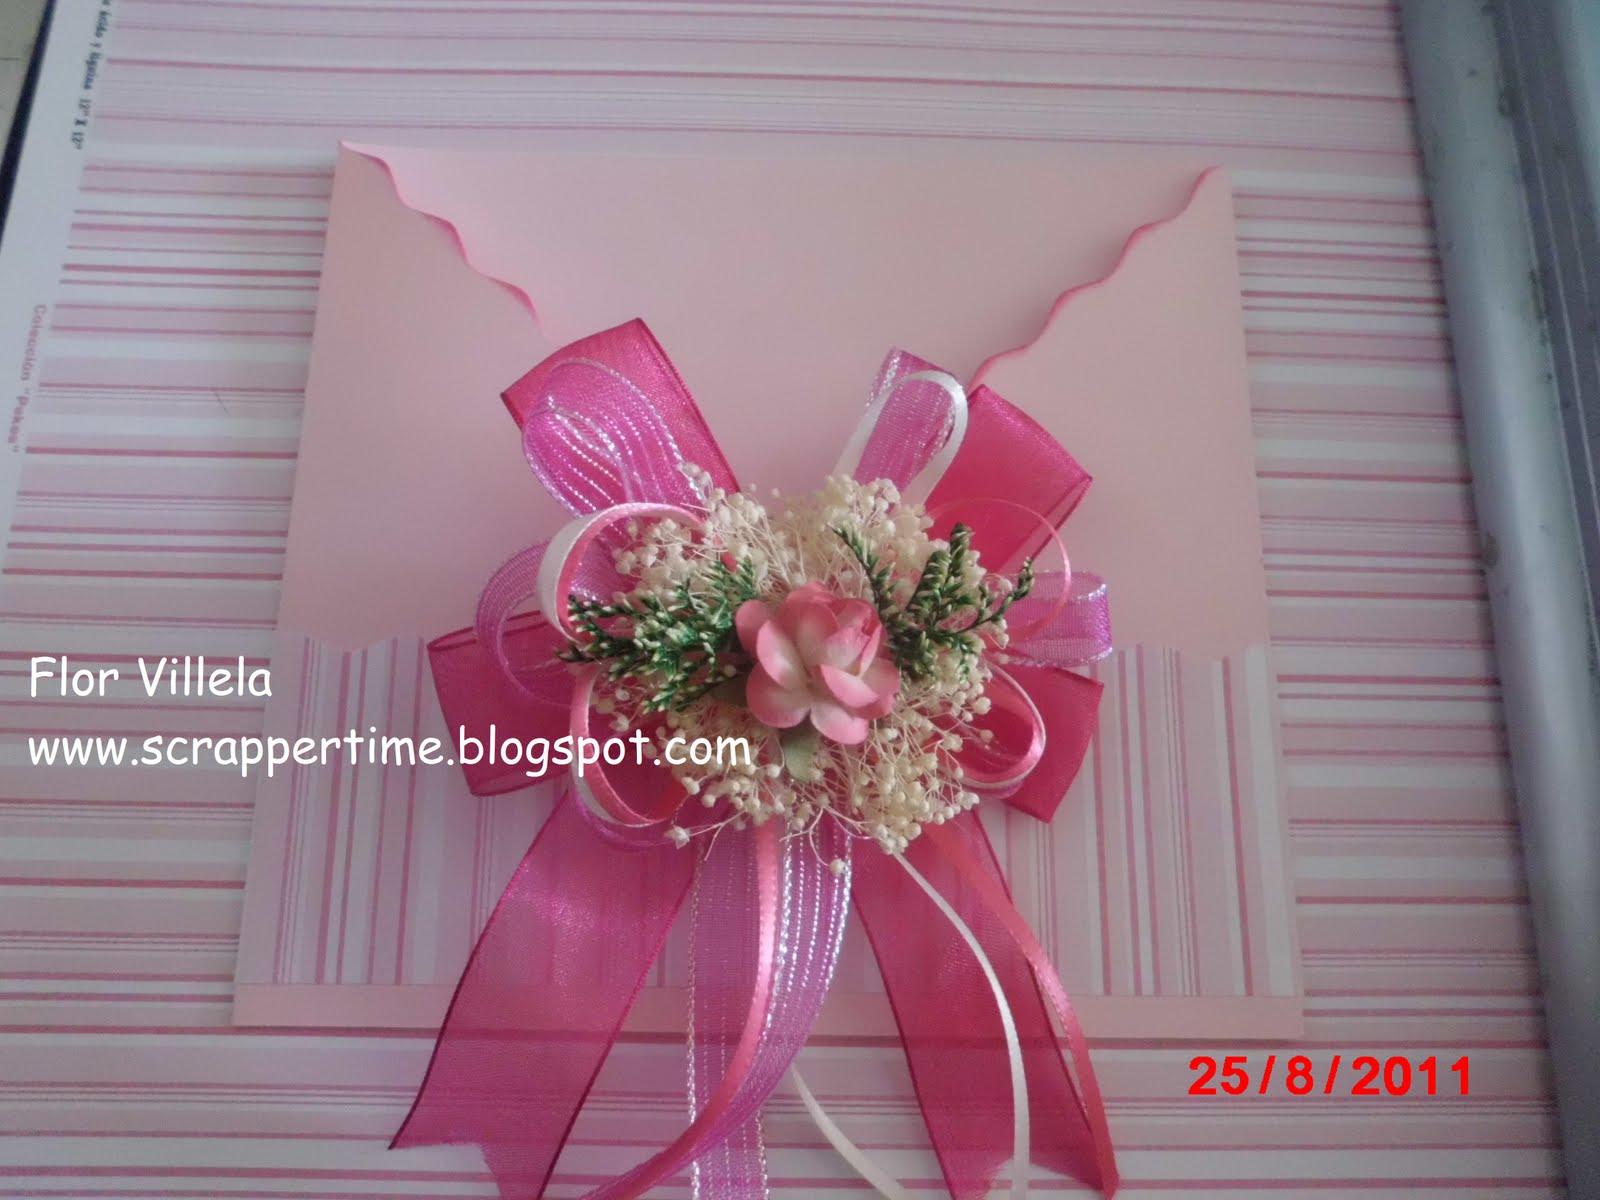 sueños_que_despiertan: Flores hechas con cinta de raso